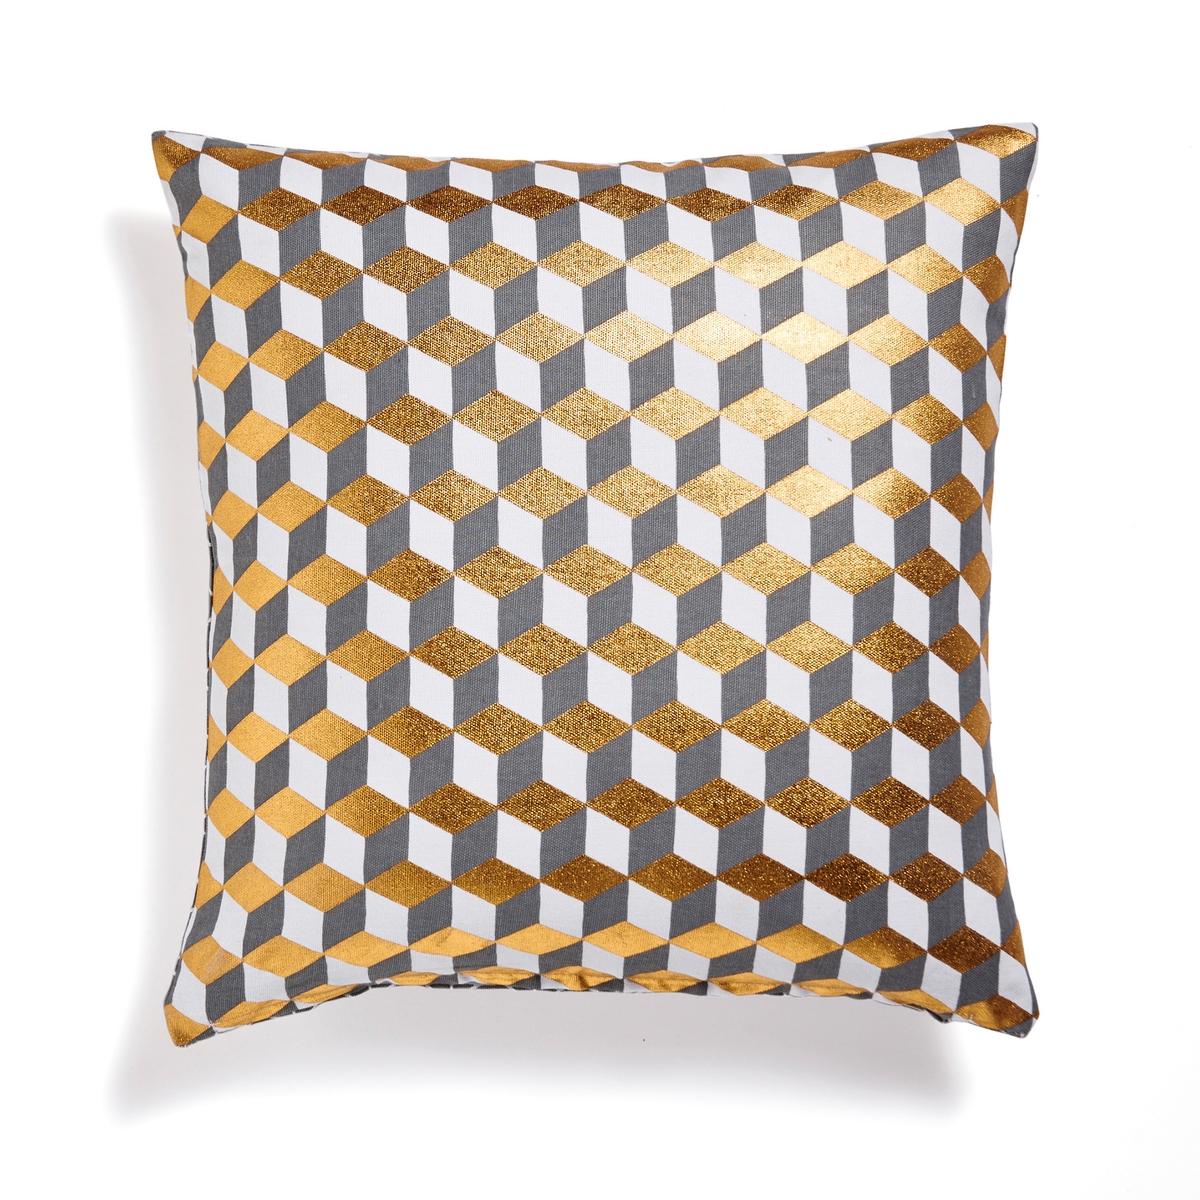 Чехол для подушкиЧехол для подушки Decio. Красивый геометрический рисунок с одной стороны, однотонный белый цвет с другой стороны. Застежка на скрытую молнию в тон. Стирка при 30°. 100% хлопка. Размер: 40 х 40 см.<br><br>Цвет: сине-зеленый/розовая пудра<br>Размер: 40 x 40  см